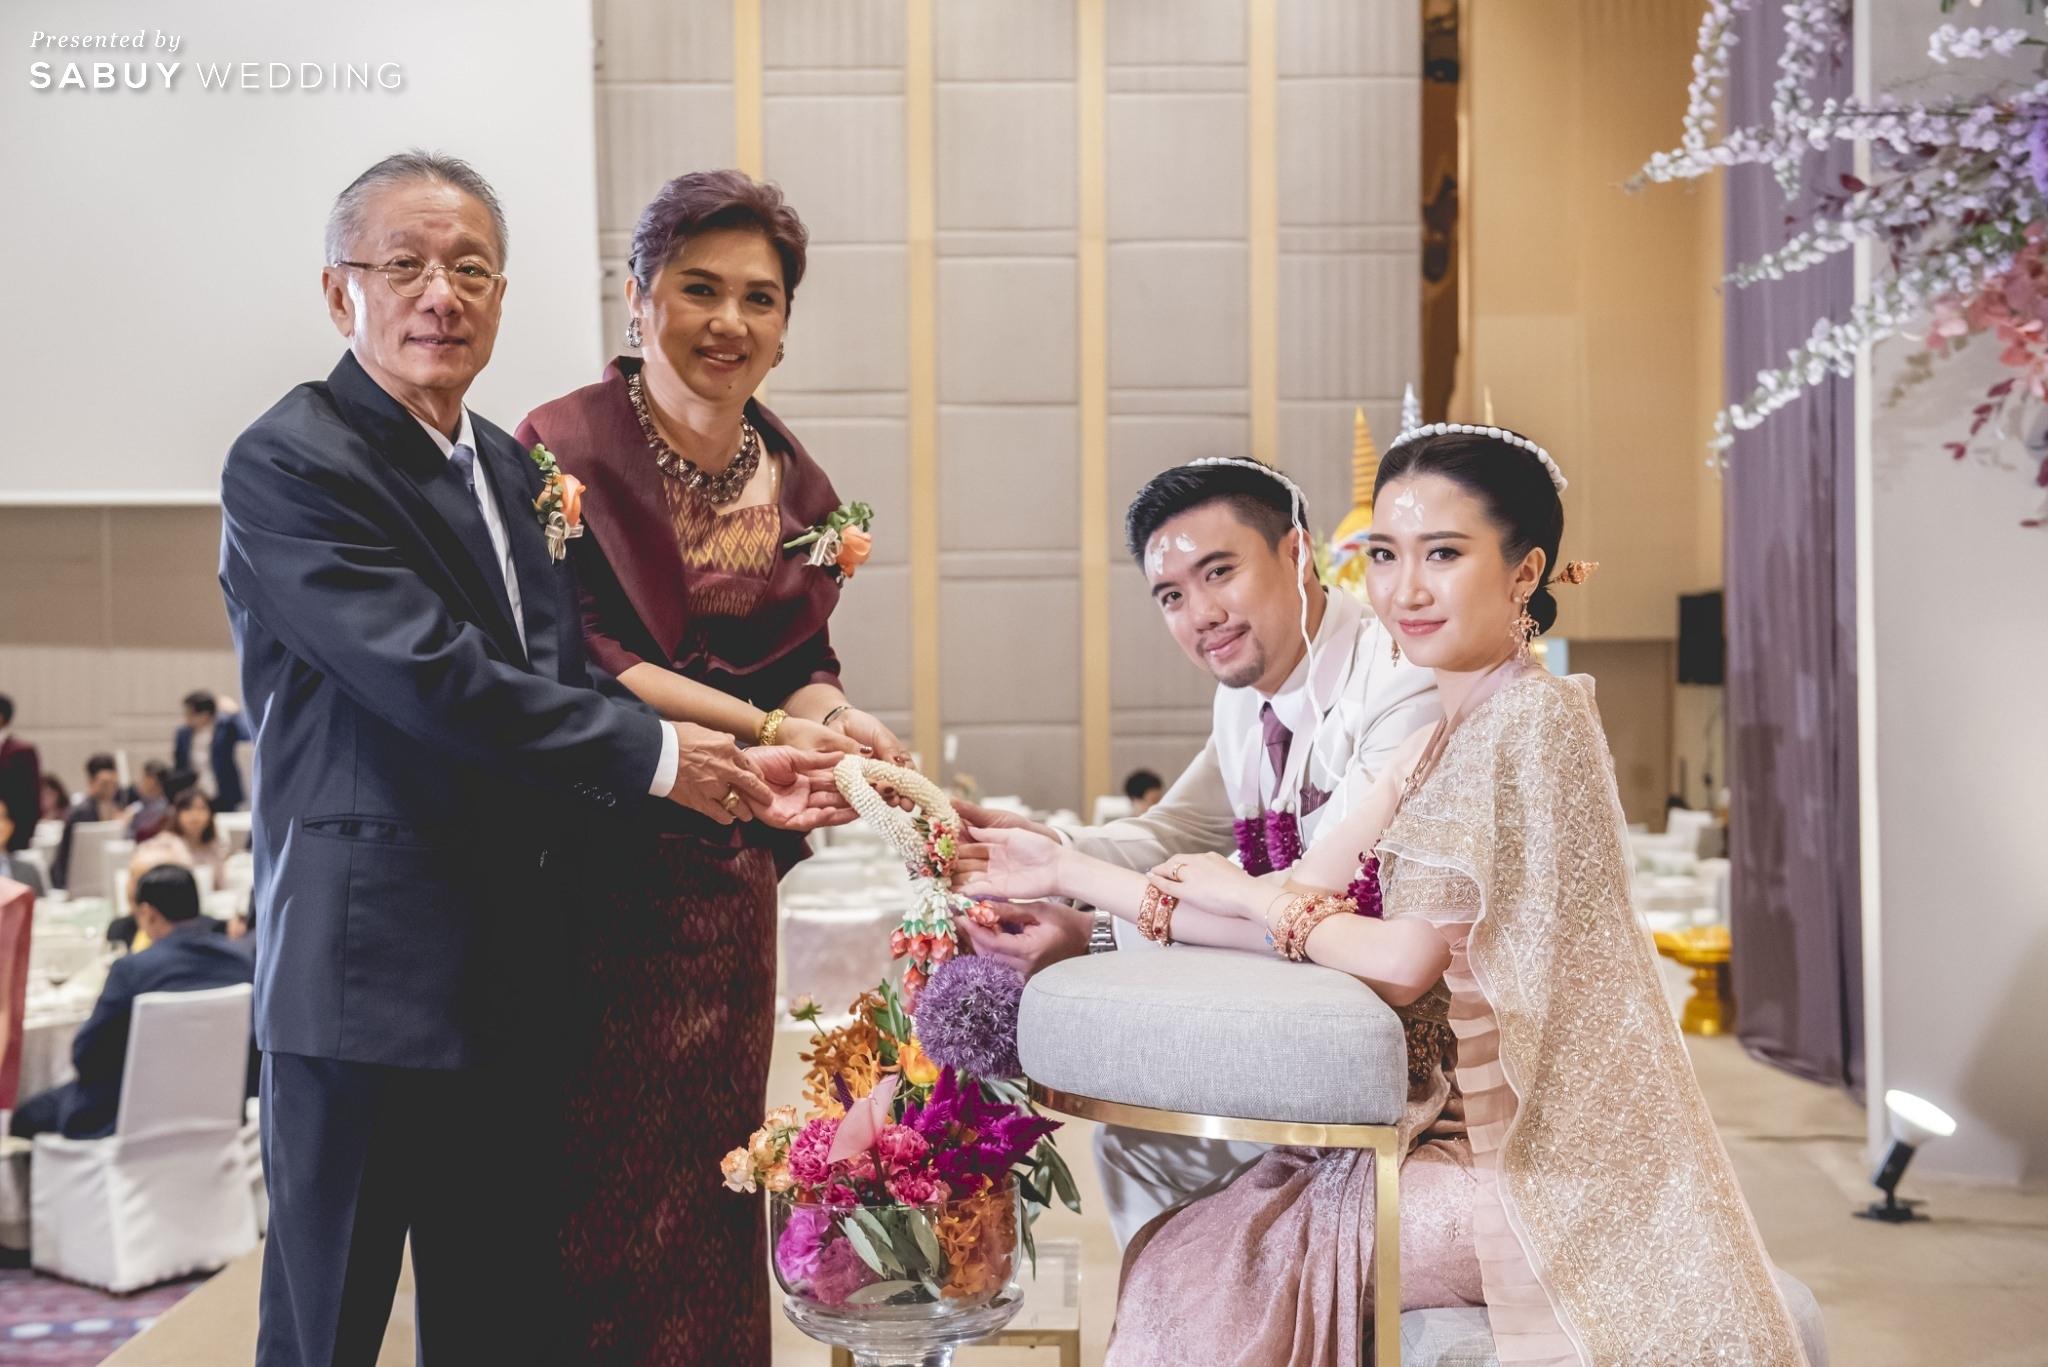 เจ้าบ่าว,เจ้าสาว,ชุดแต่งงาน รีวิวงานแต่งแซ่บจี๊ดใจ สวยสดใสด้วยโทนสี Colorful @ AVANI+ Riverside Bangkok Hotel